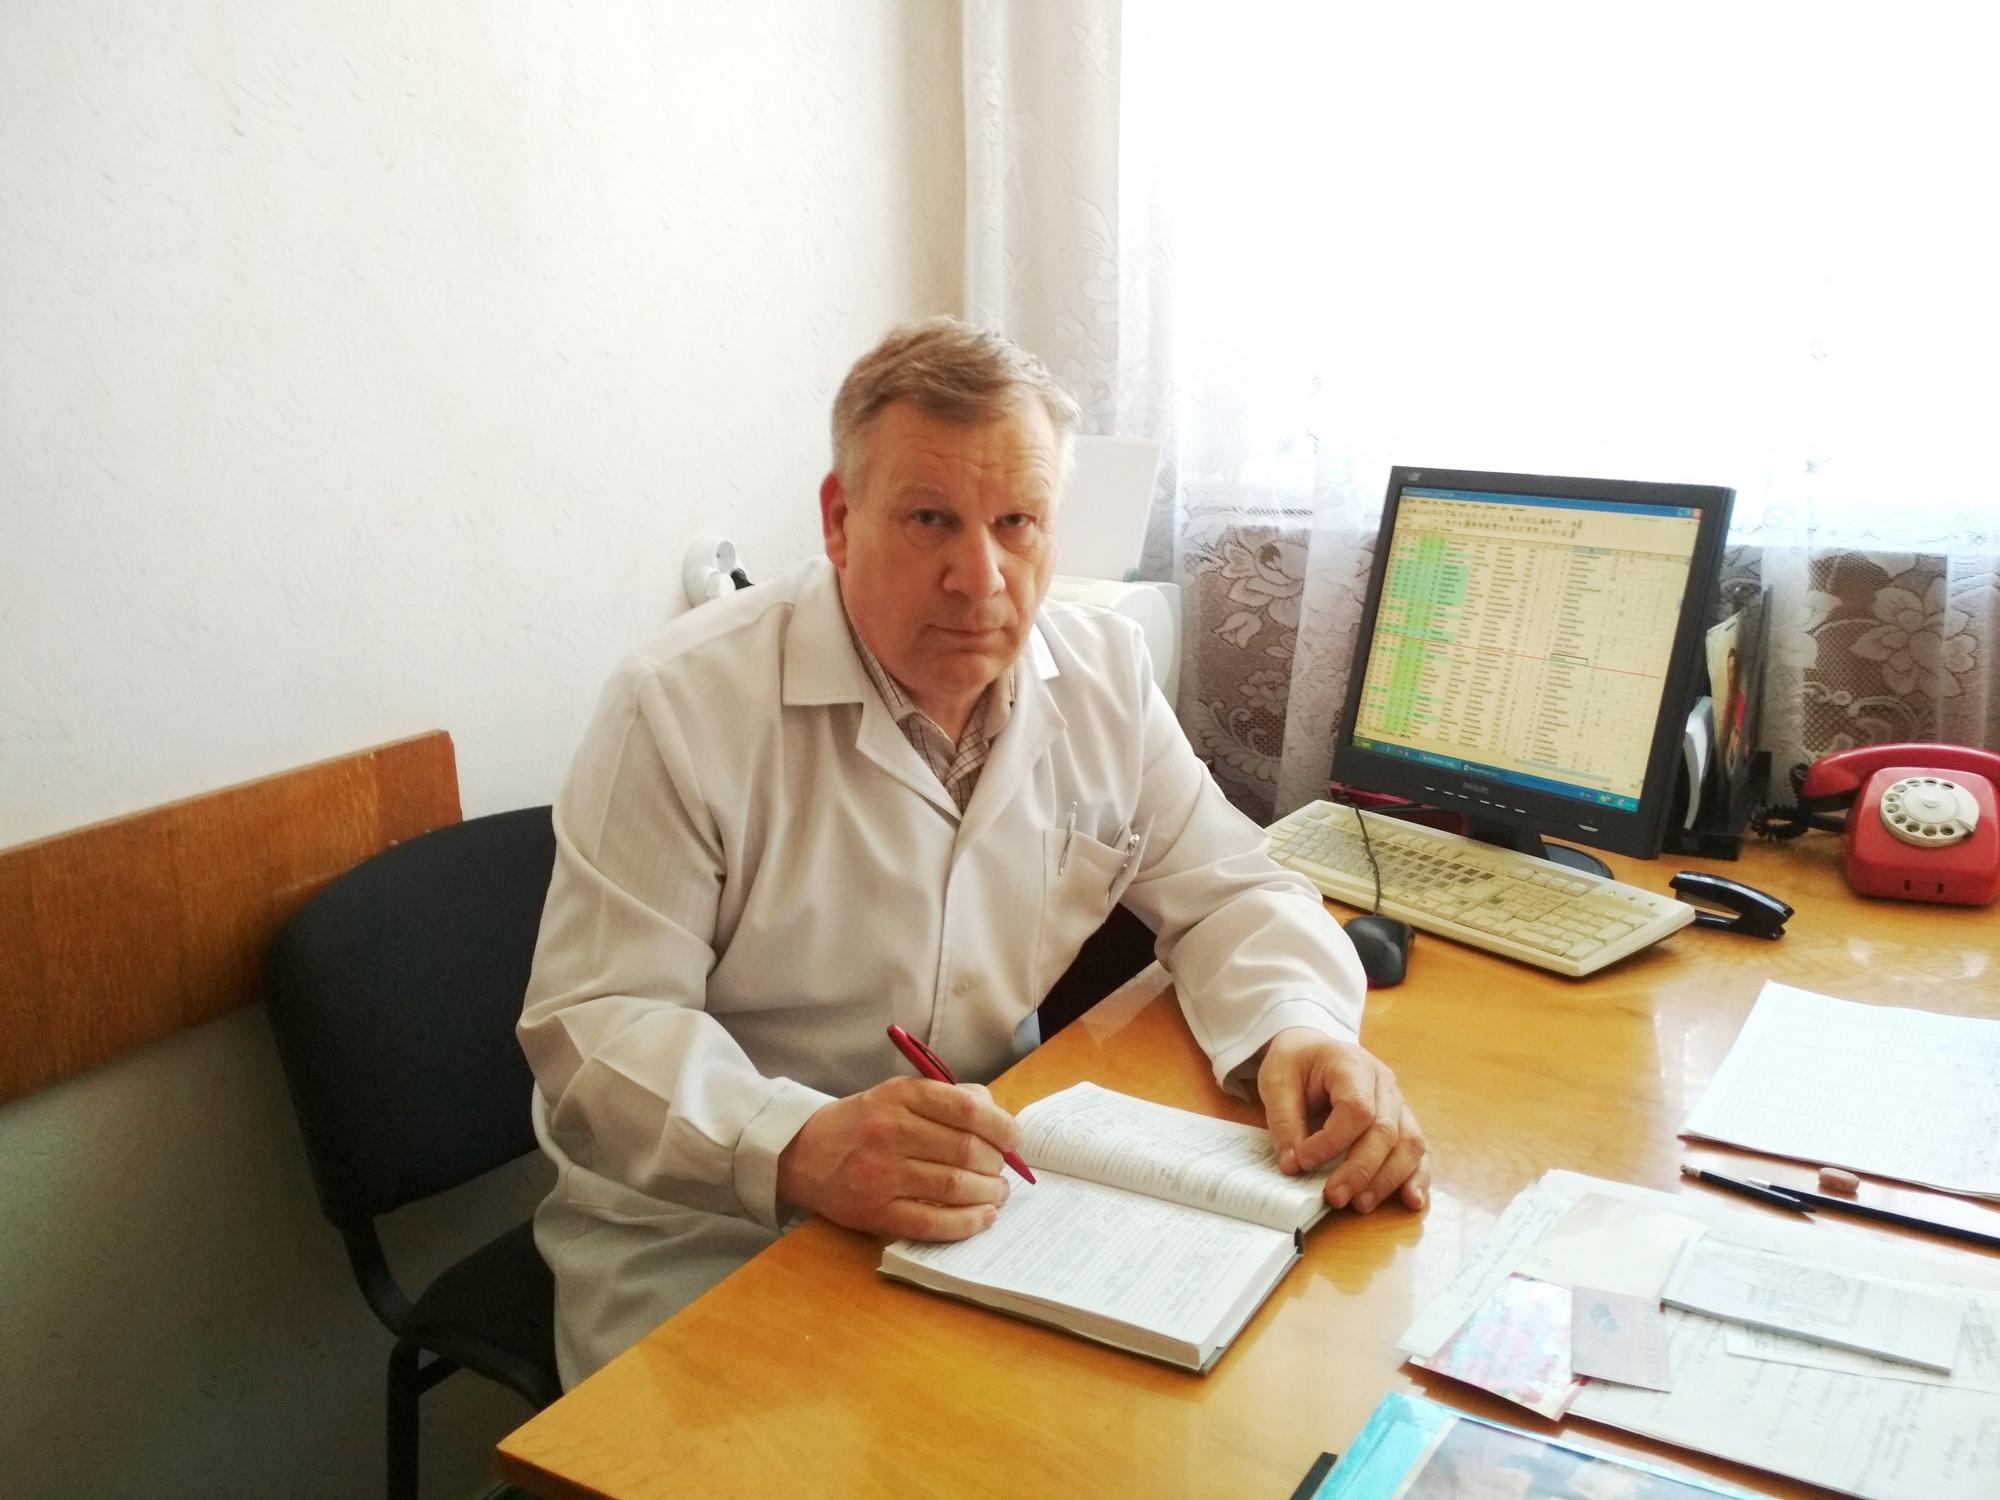 Ковальчук Петро Миколайович, завідувач відділення